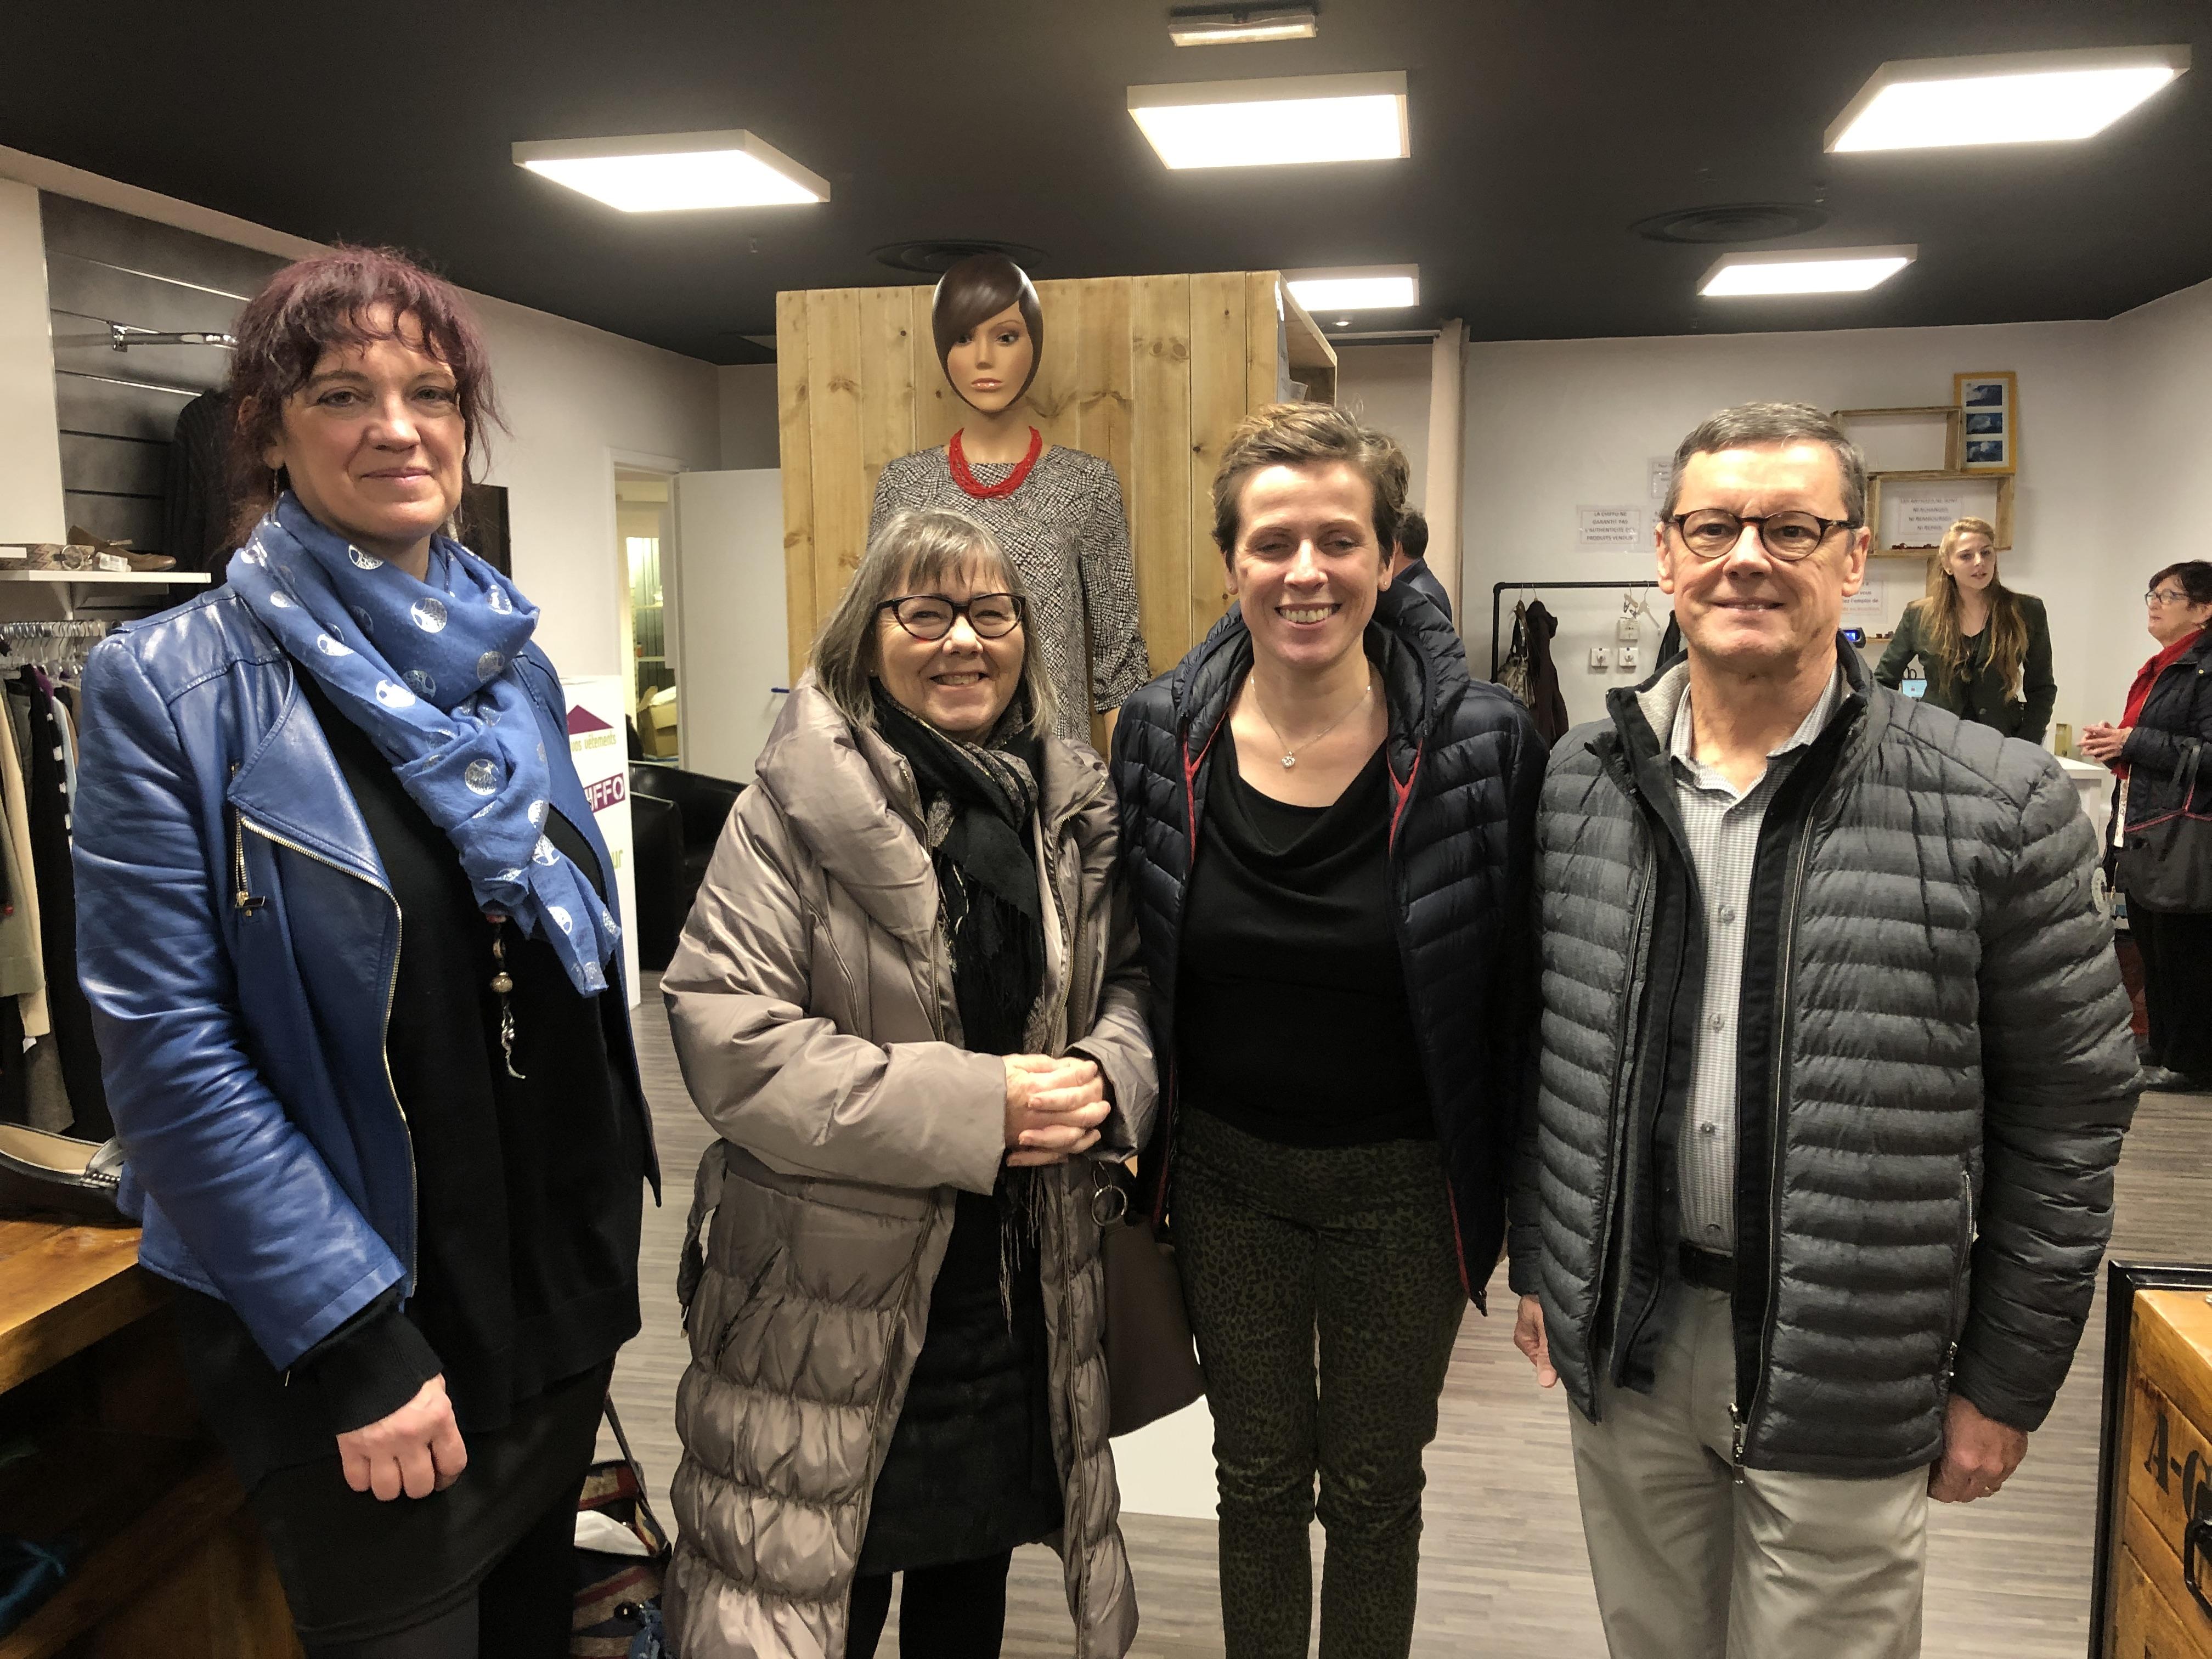 2019 03 08 inauguration de la boutique La Chiffo BIS à Hérouville Saint Clair (1)